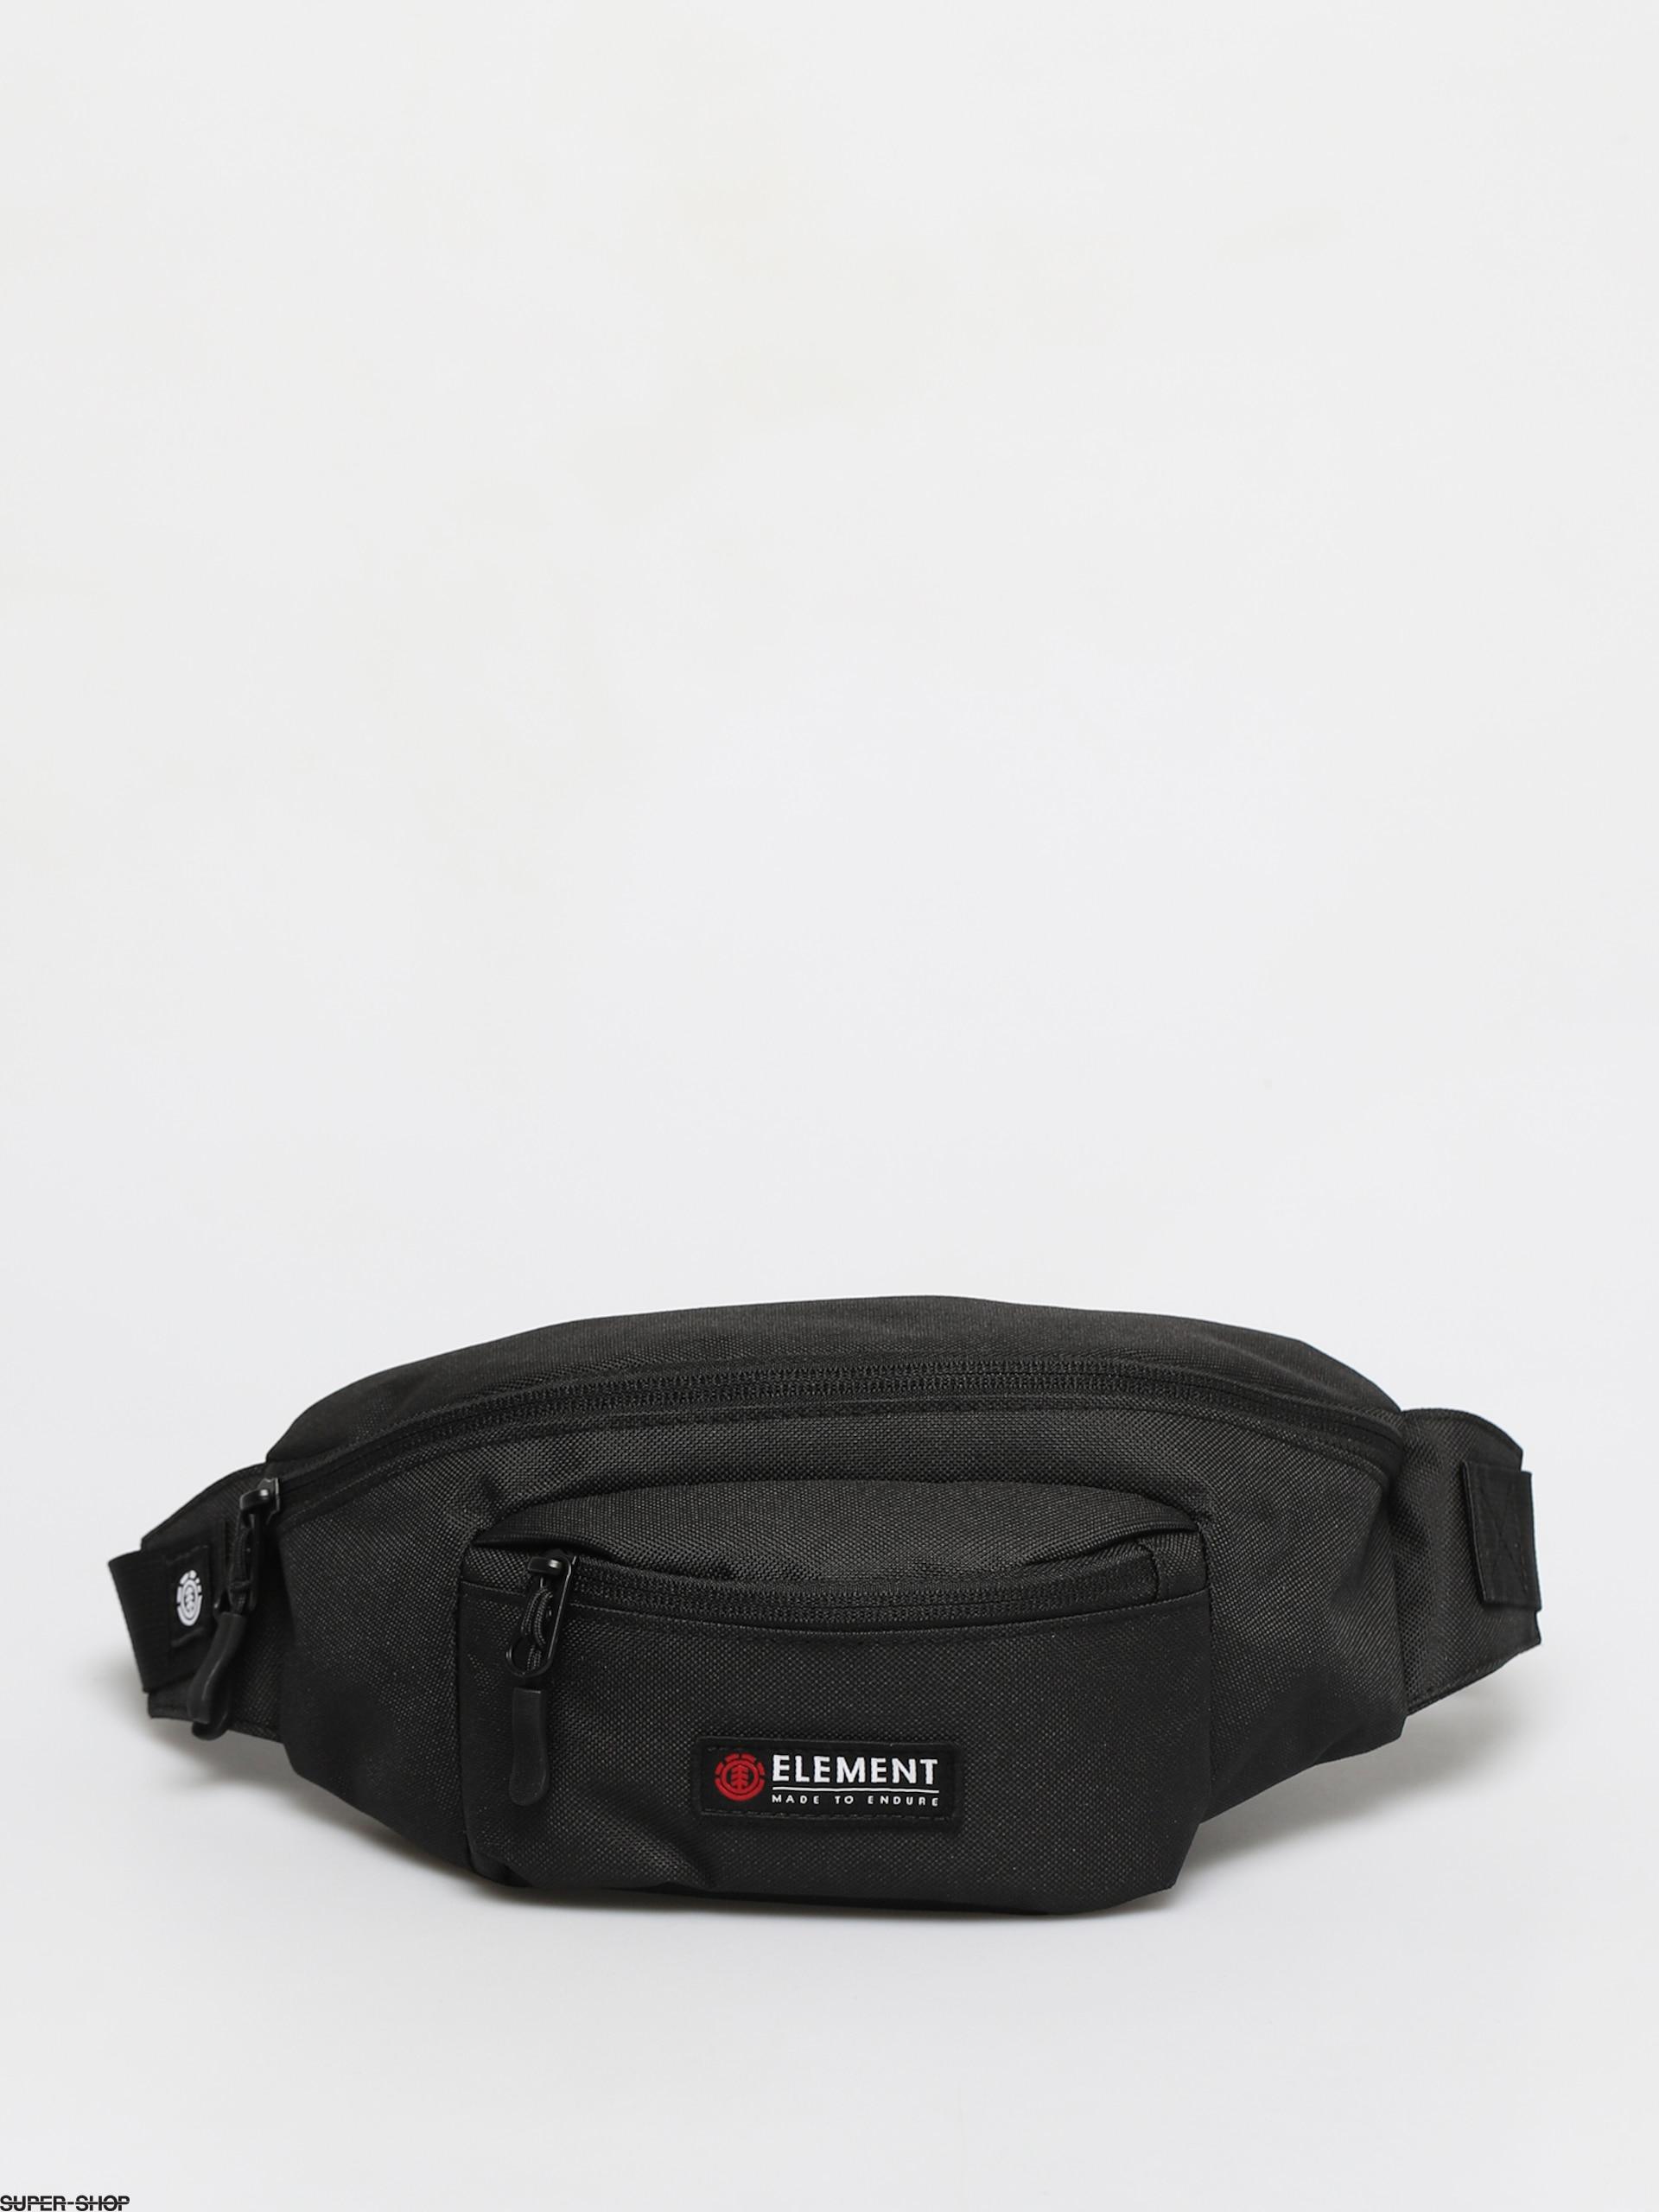 Element Posse Hip Sack Bum Bag